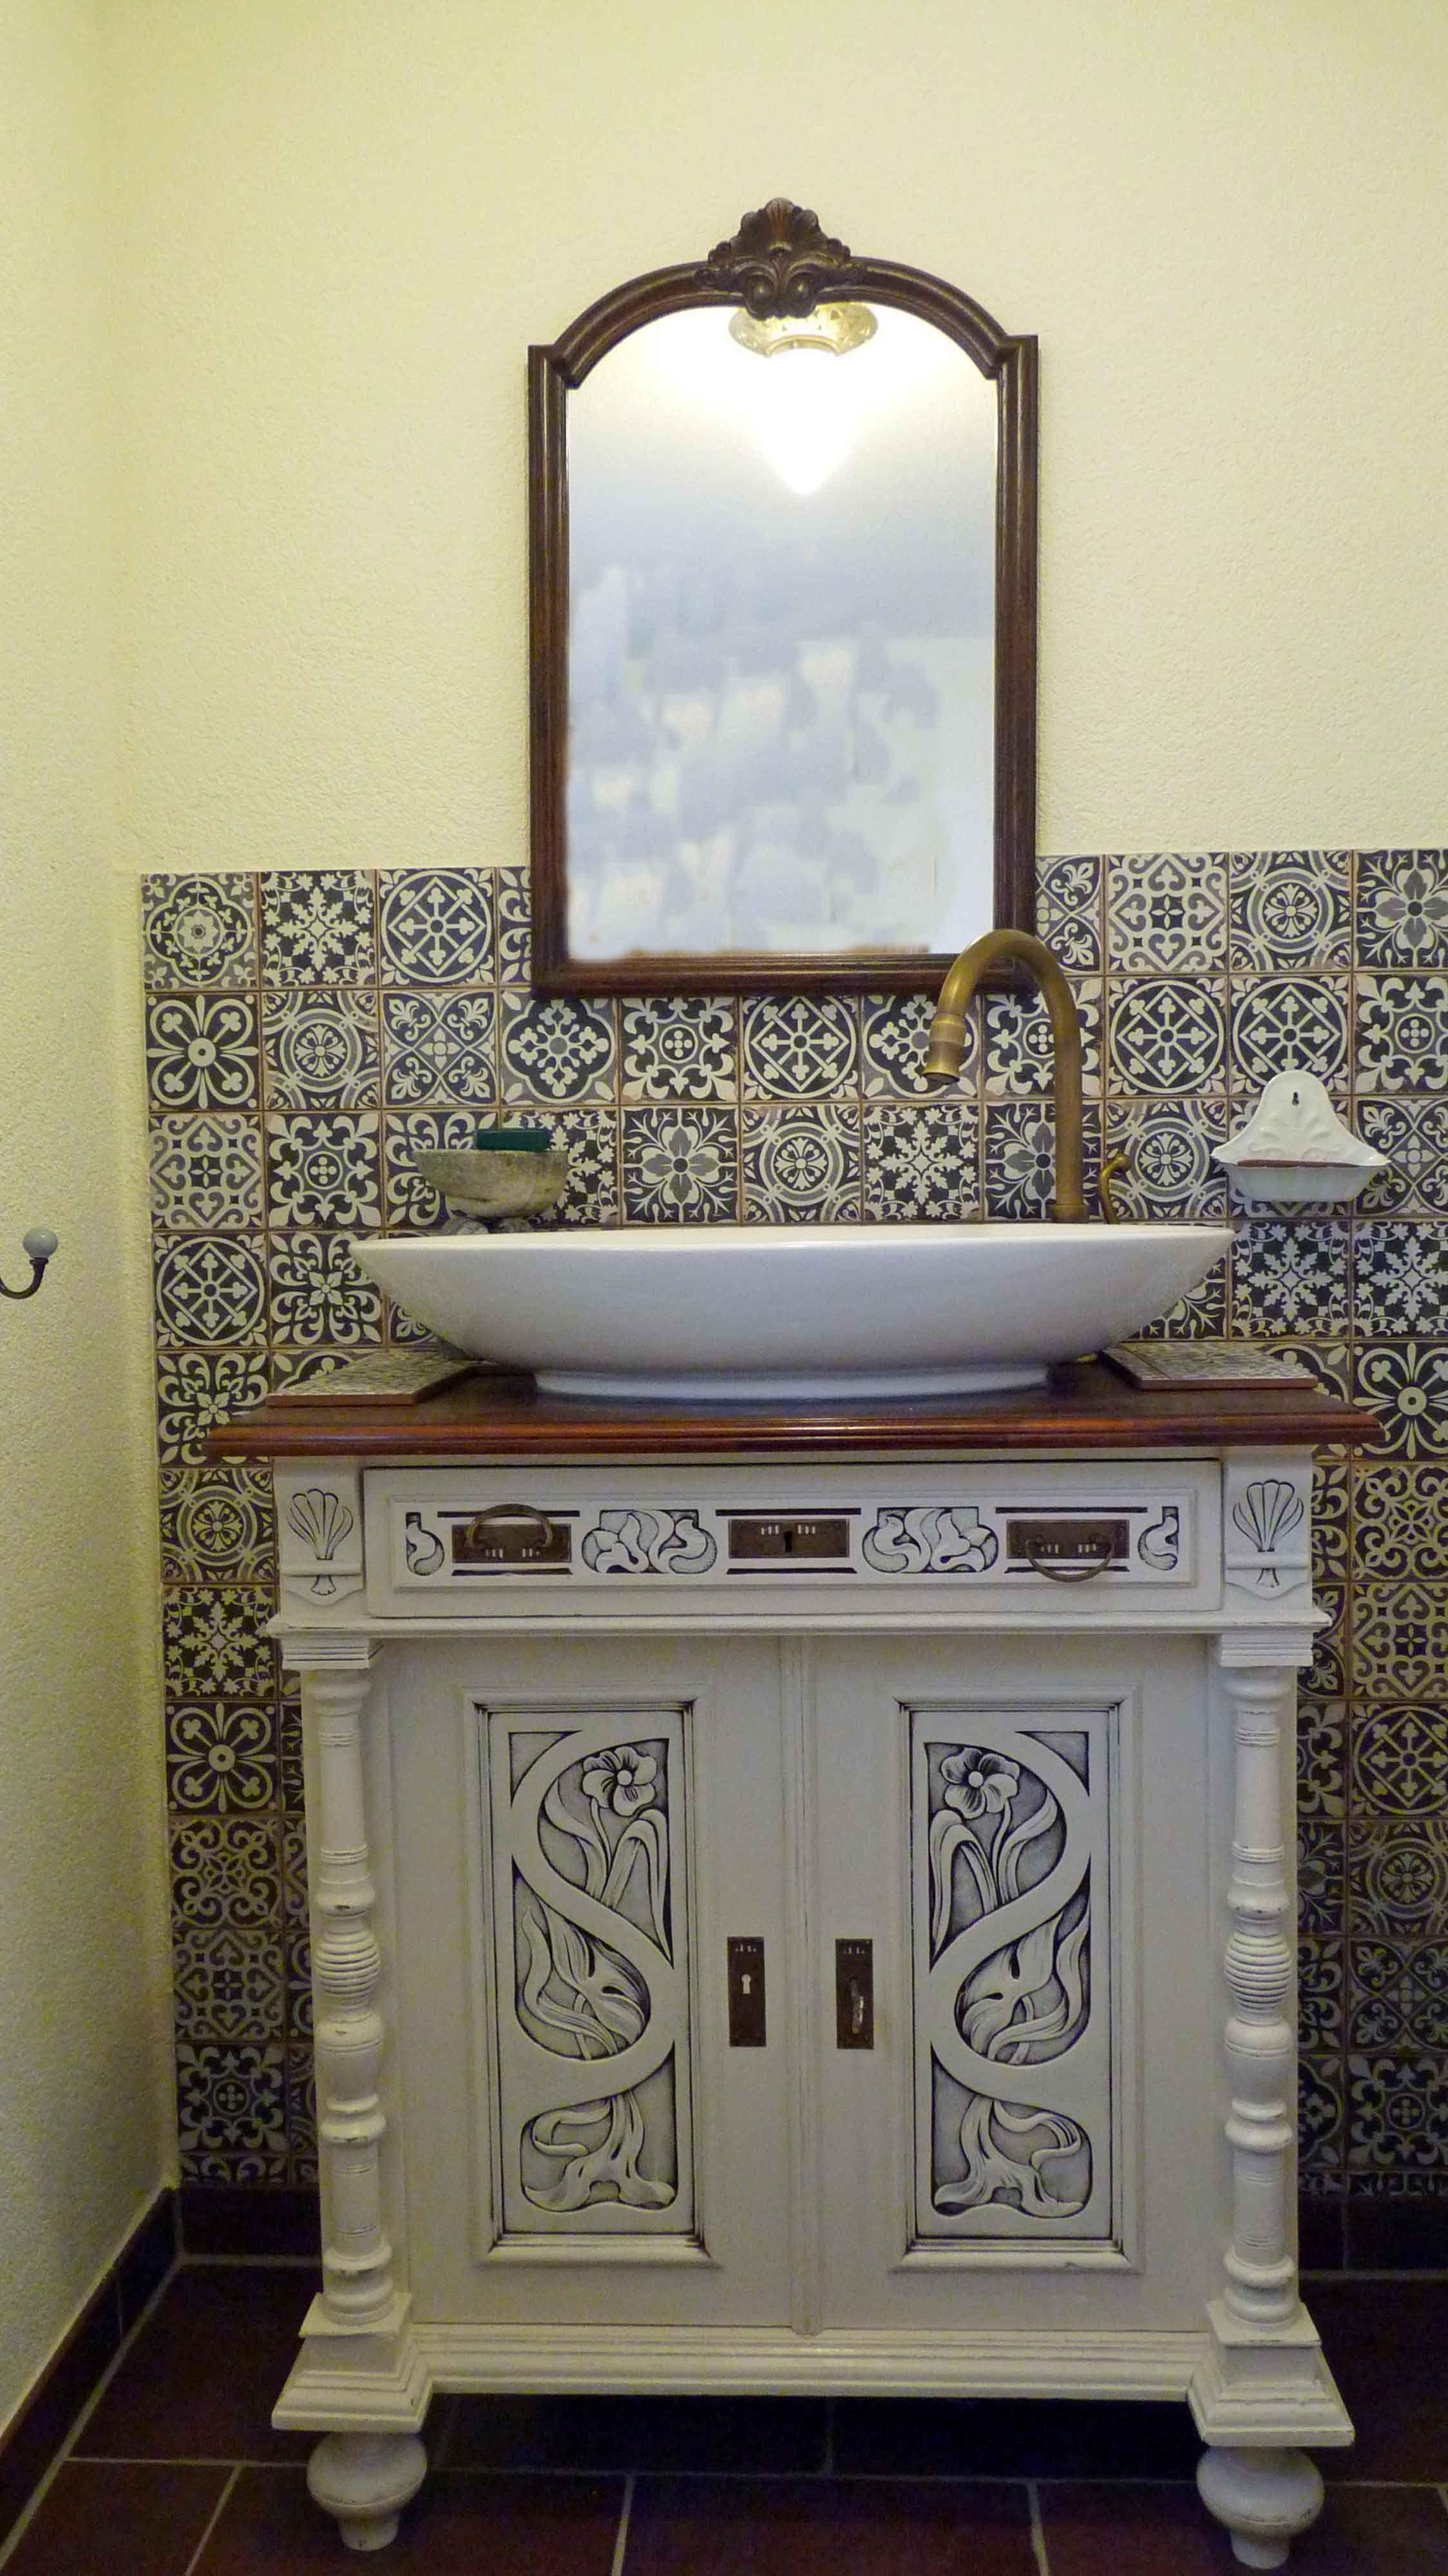 Zwischen Marrakesch Und Landhaus Romantik Ein Gekonnter Mix Shabby Chic Badezimmer Shabby Chic Zimmer Shabby Chic Dekor